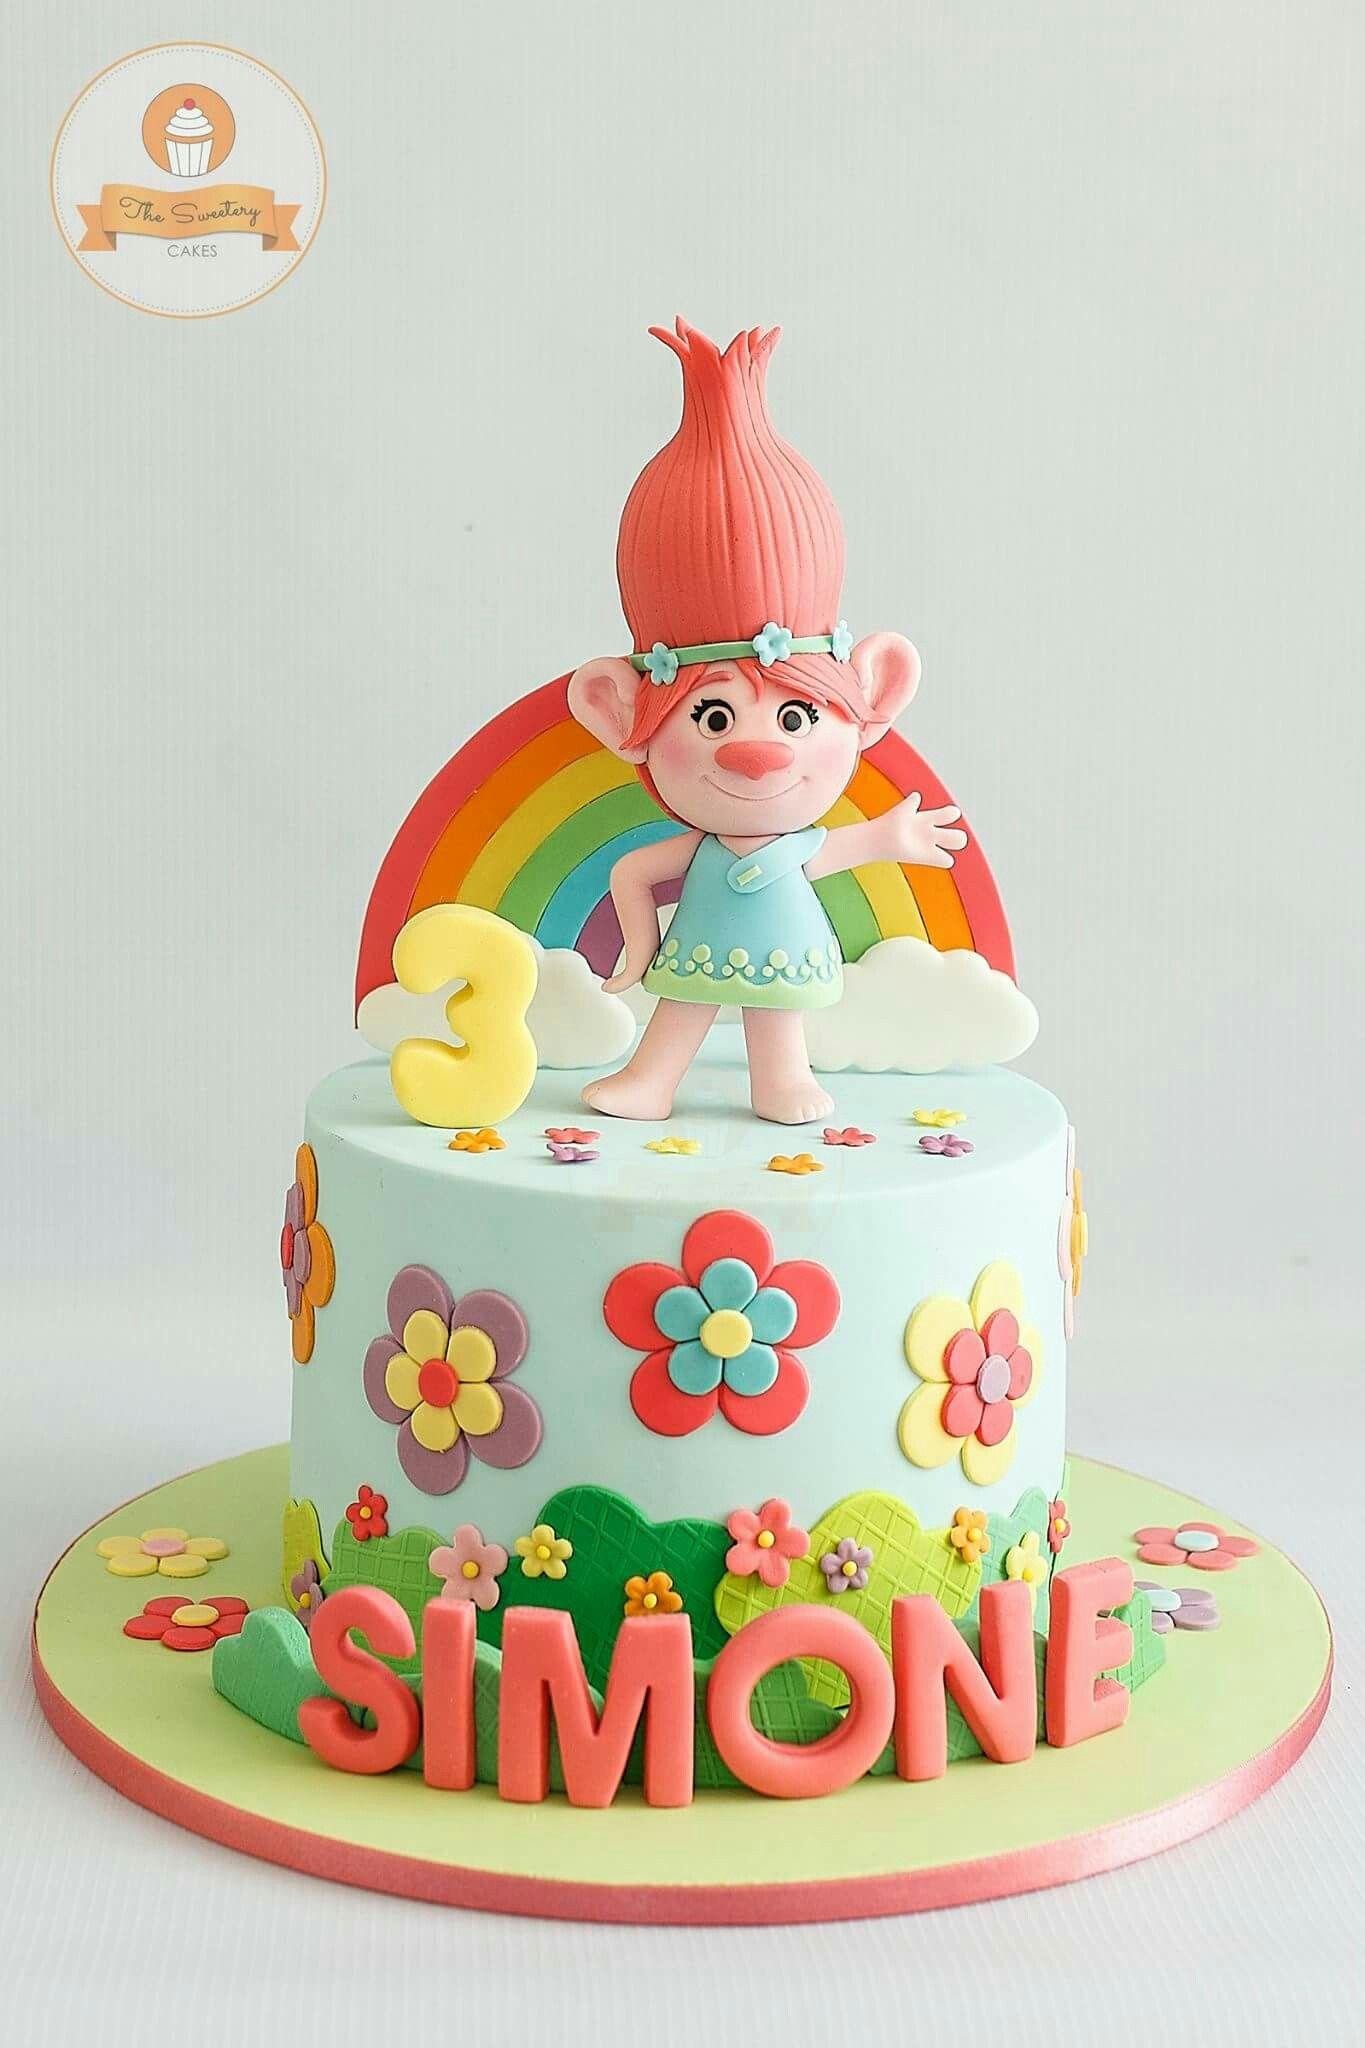 Pin by varuni jayawardena on cakes cupcake birthday cake